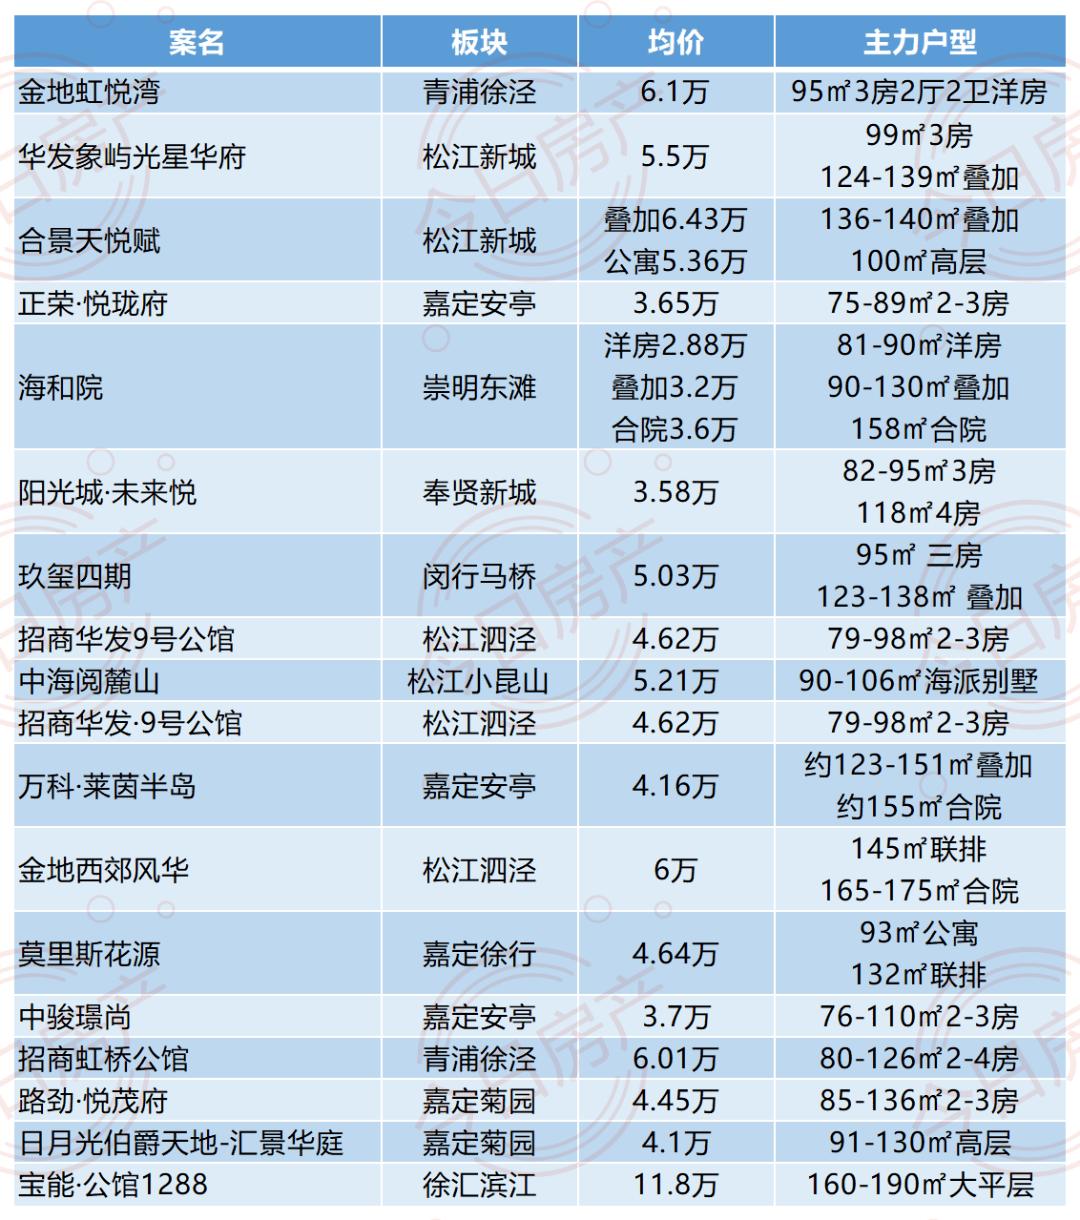 8天18证!上海新盘雪片般飞来